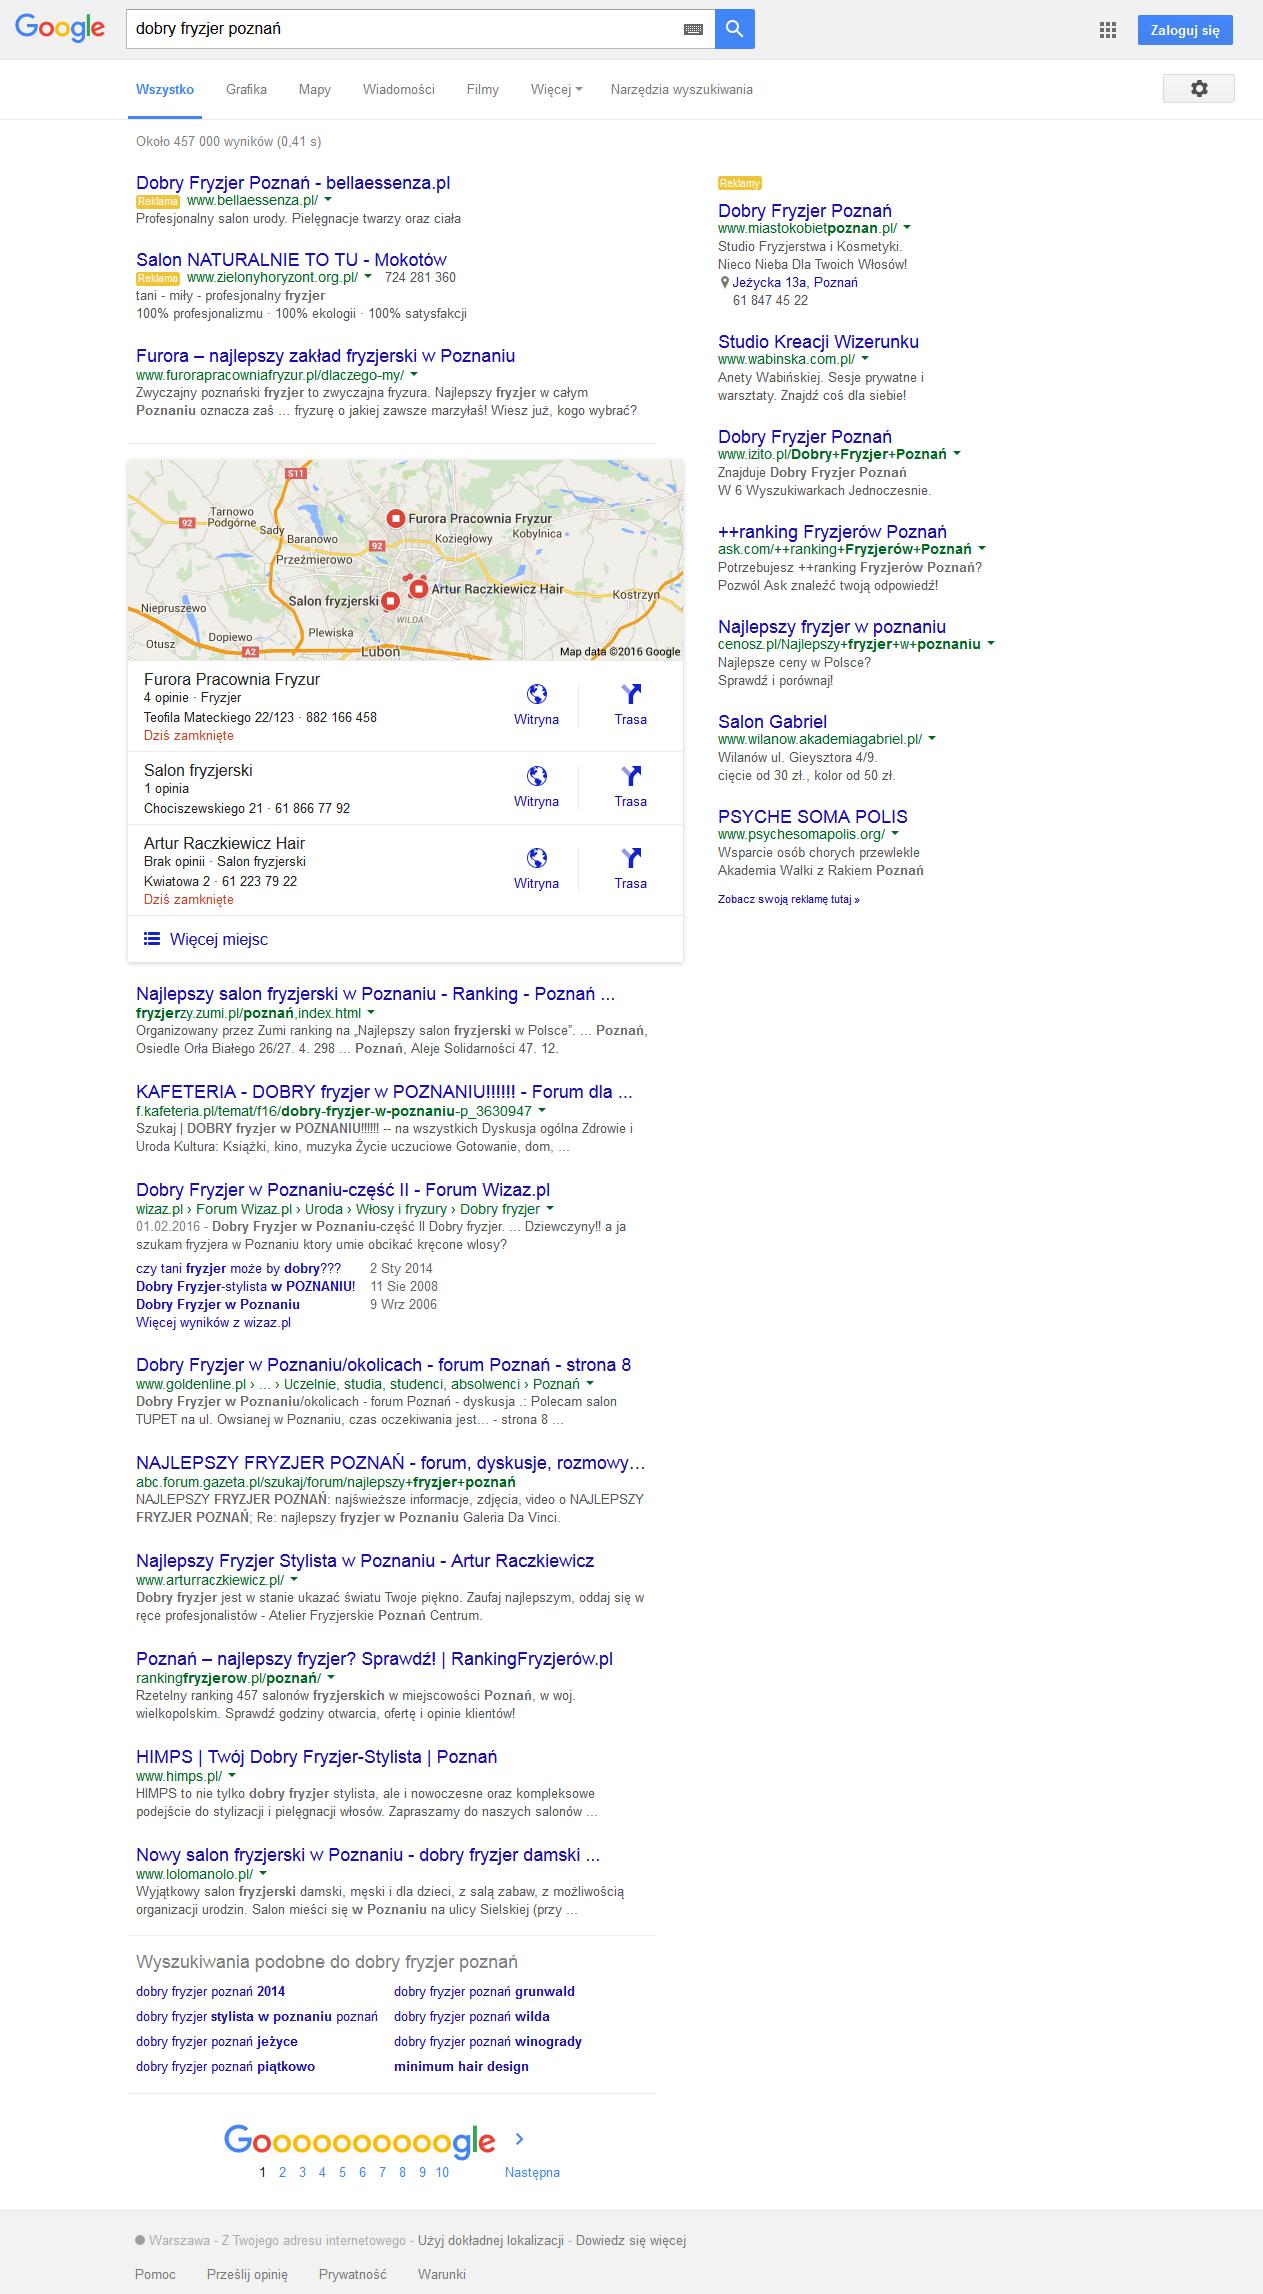 wynik wyszukiwania z reklamami po prawej stronie,